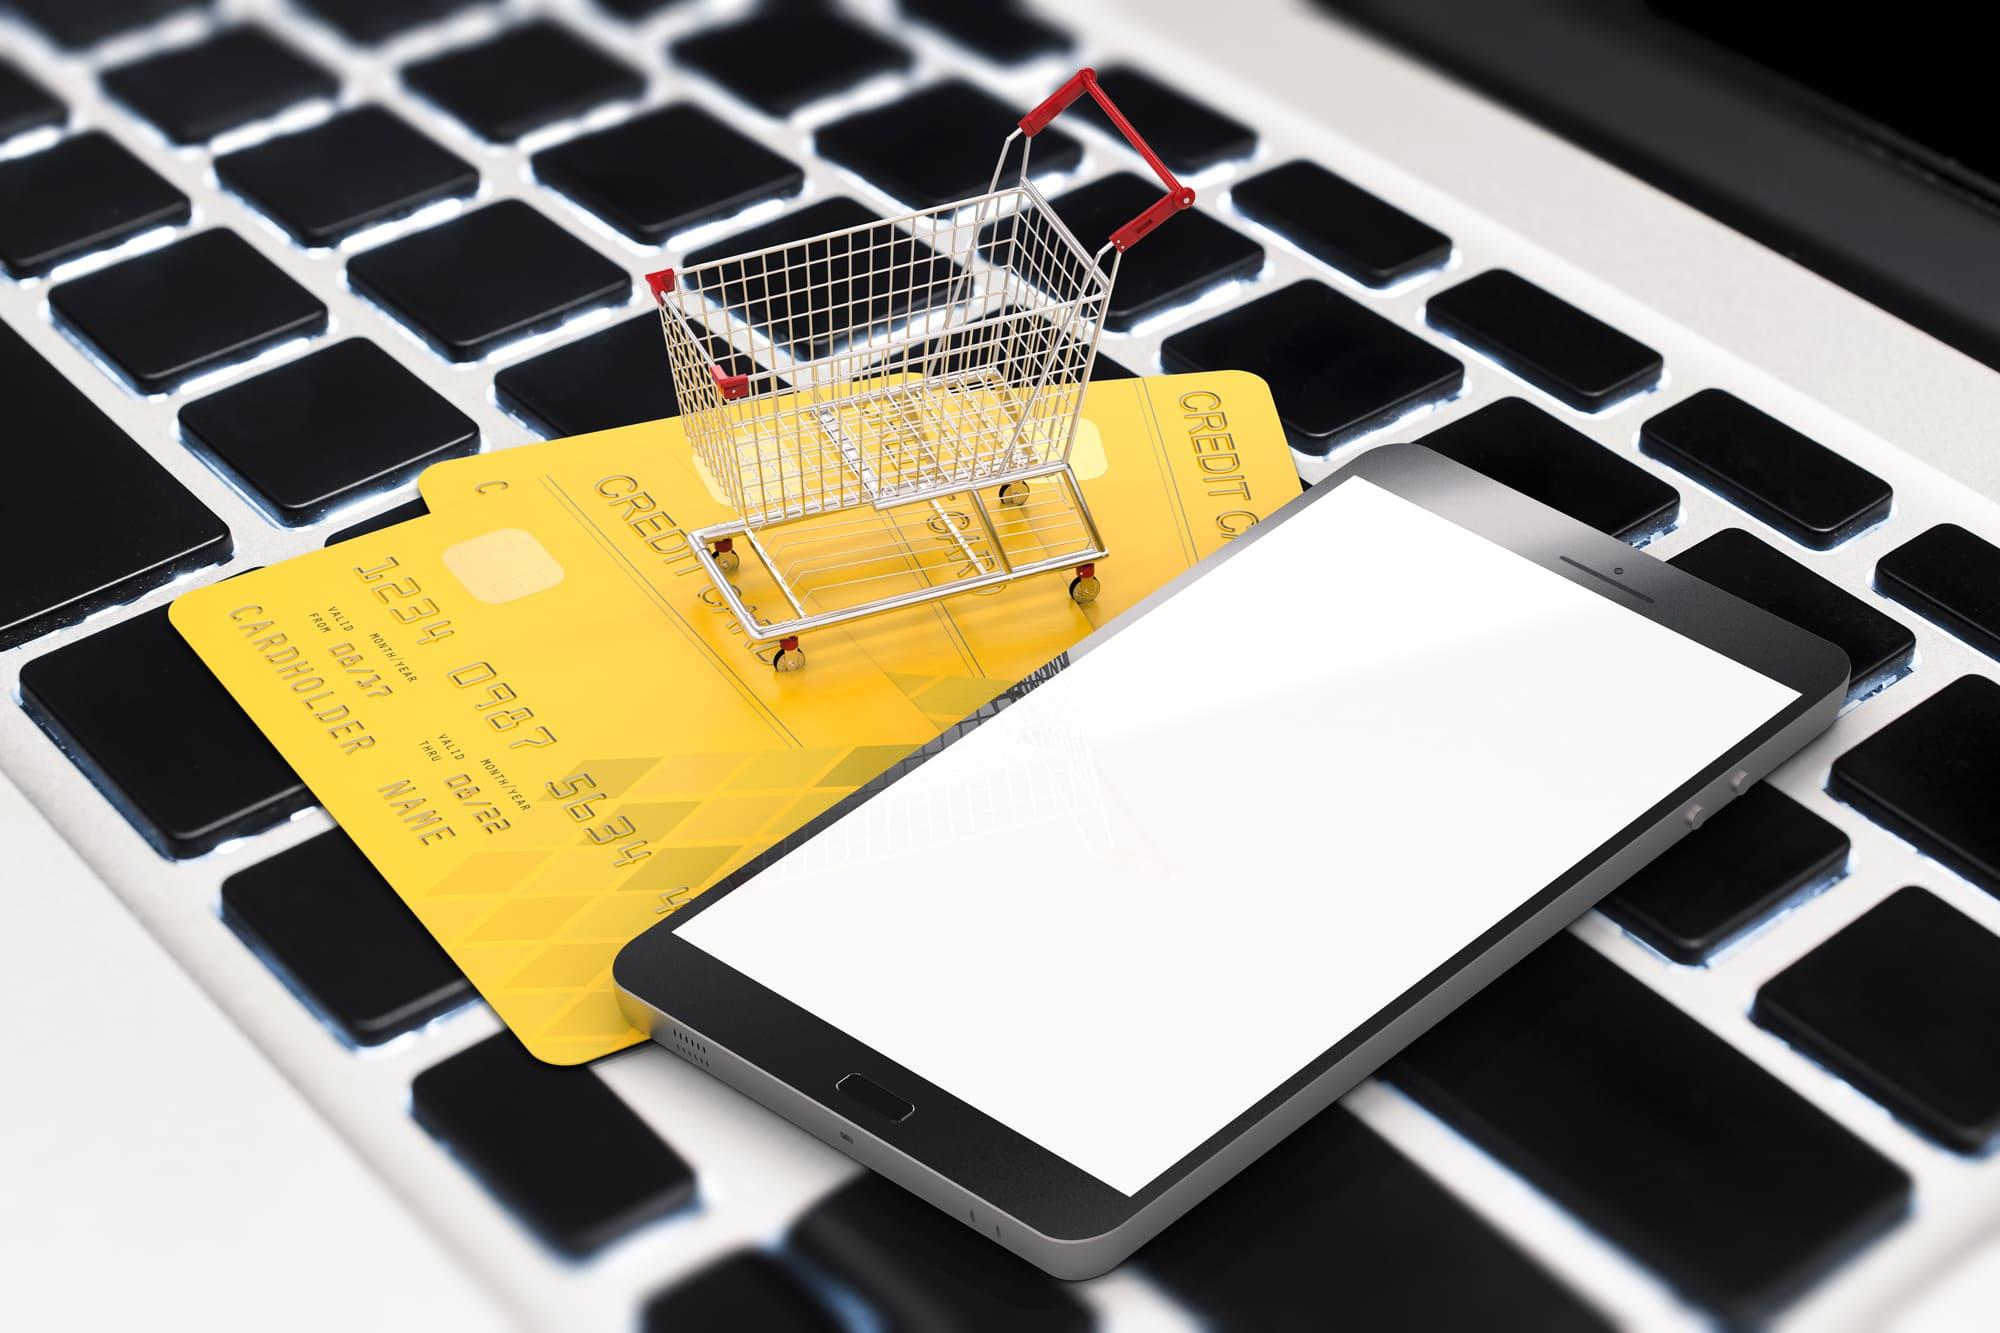 Amazon Payの使い方とメリットを徹底解説!ポイントが貯まるおすすめクレジットカード4選